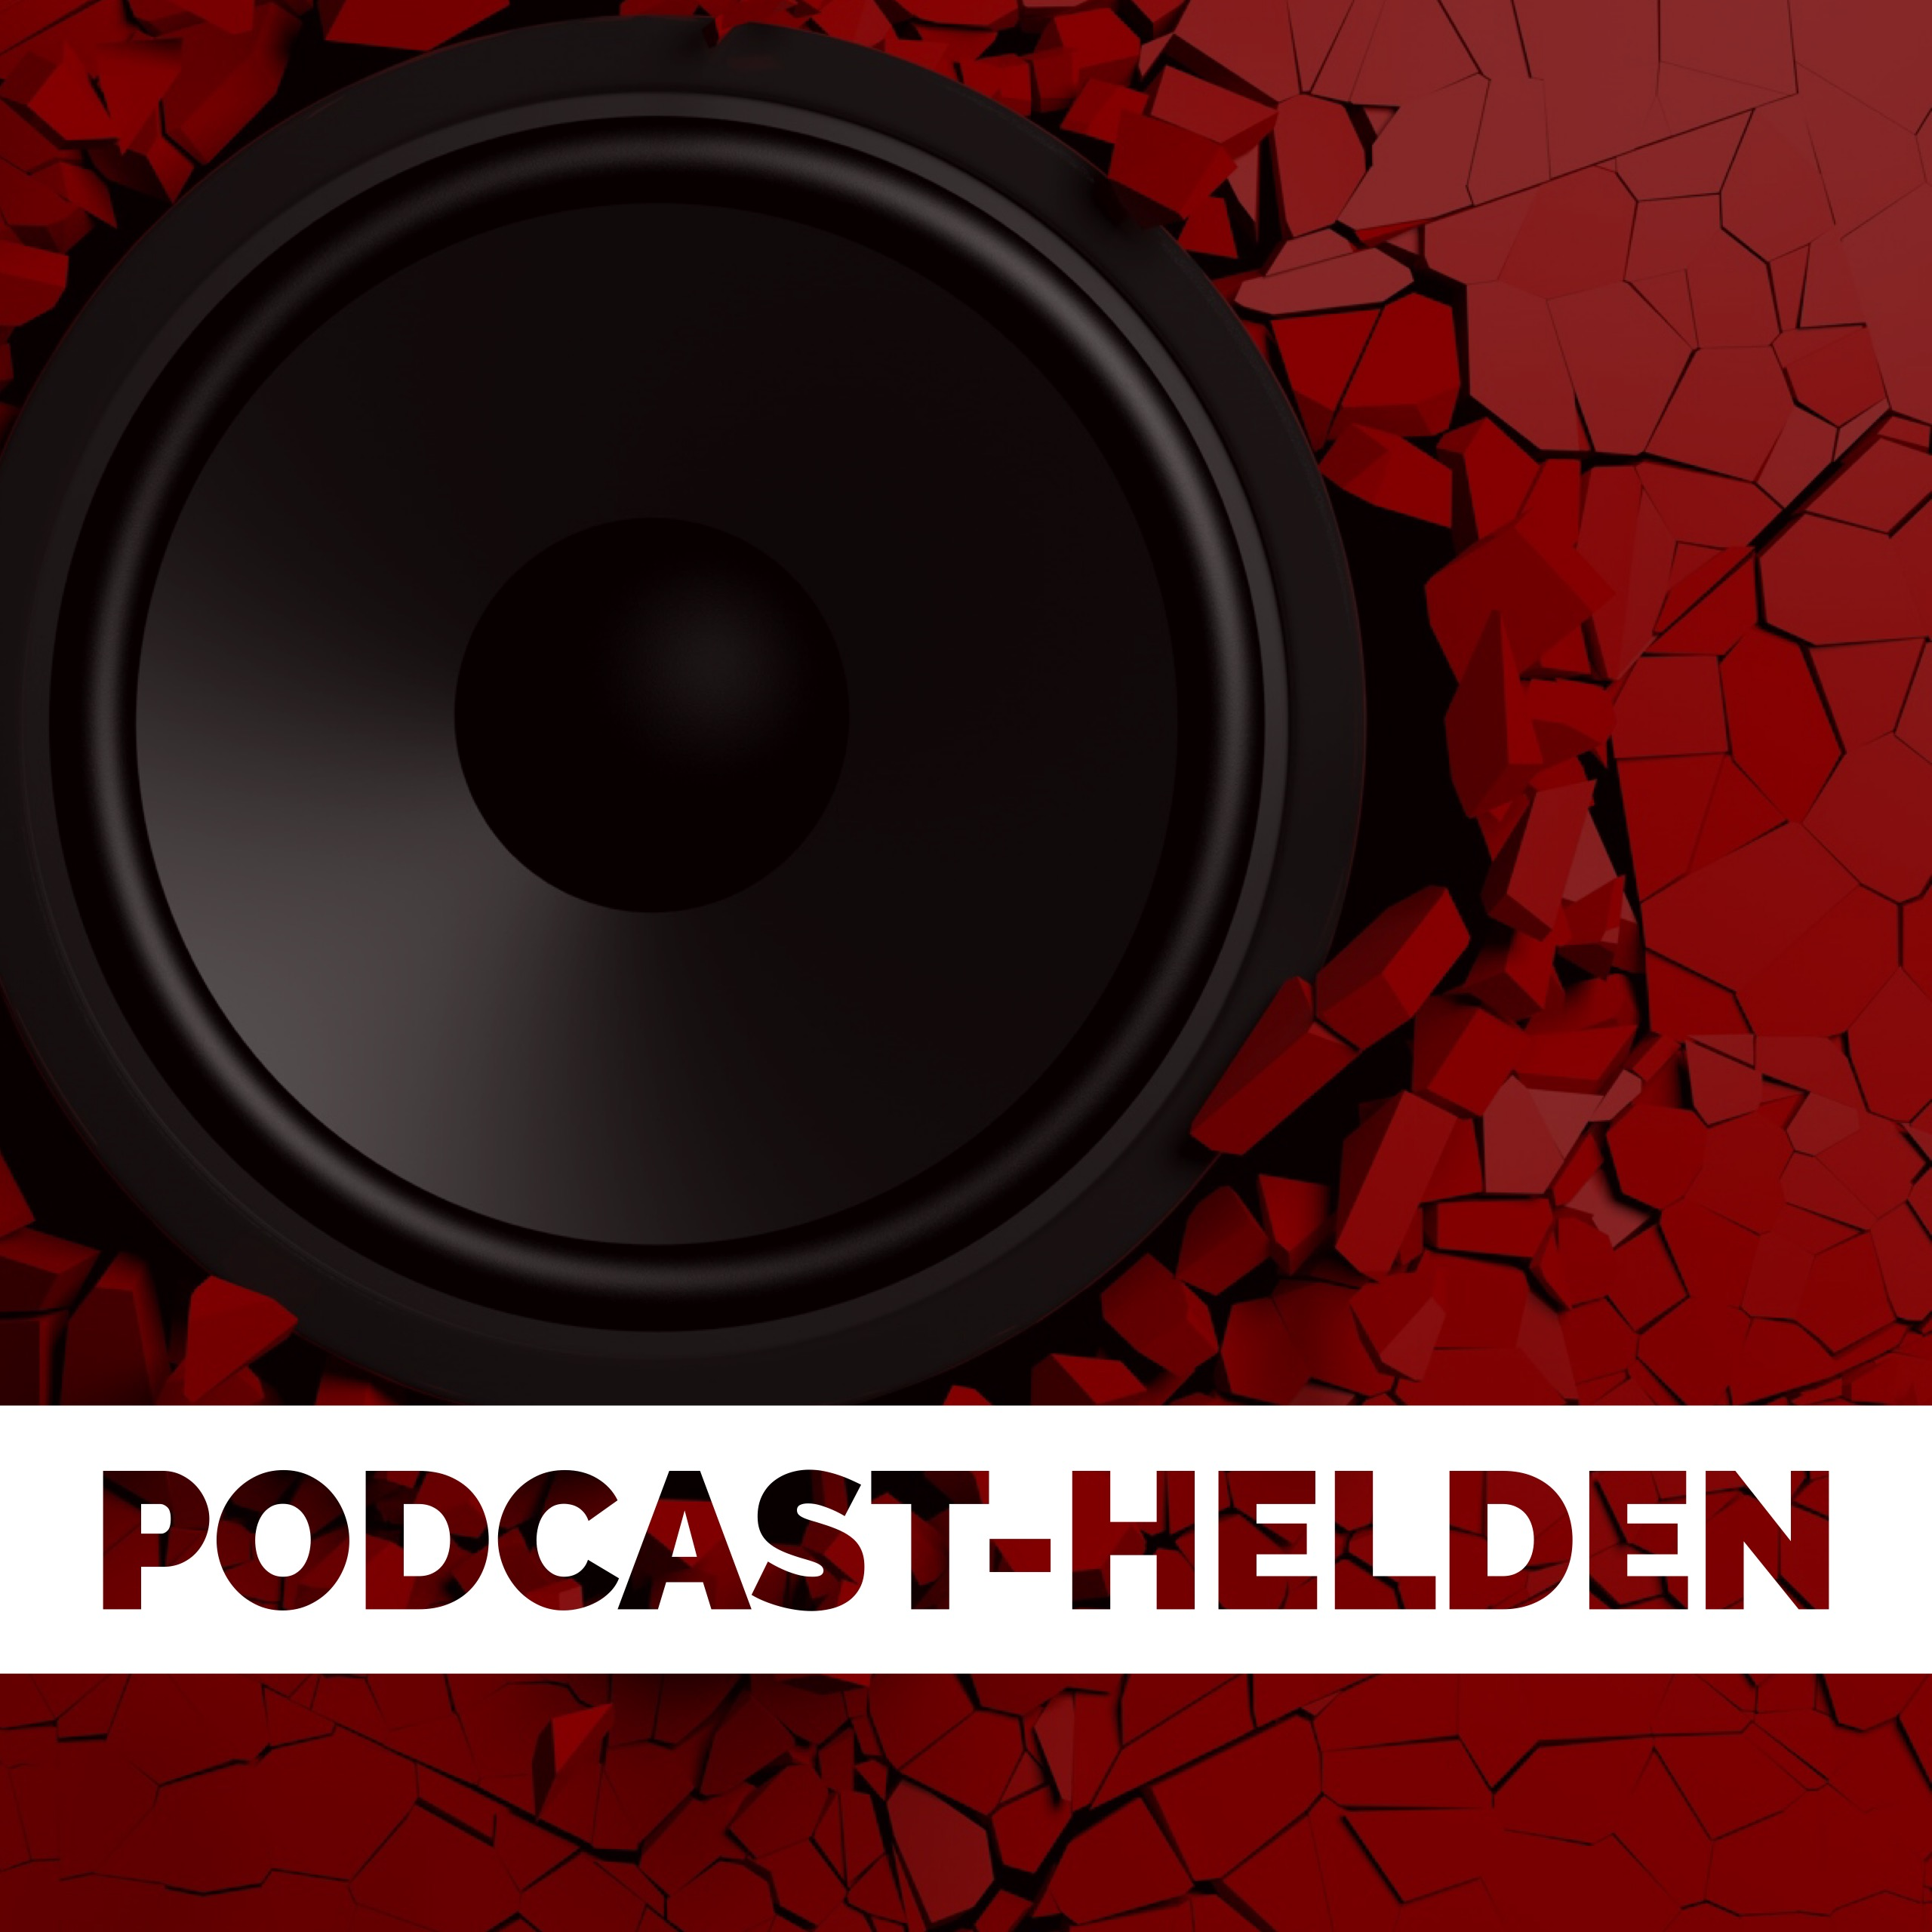 Podcast-Helden ON AIR | Kunden und Fans gewinnen mit einem eigenen Podcast